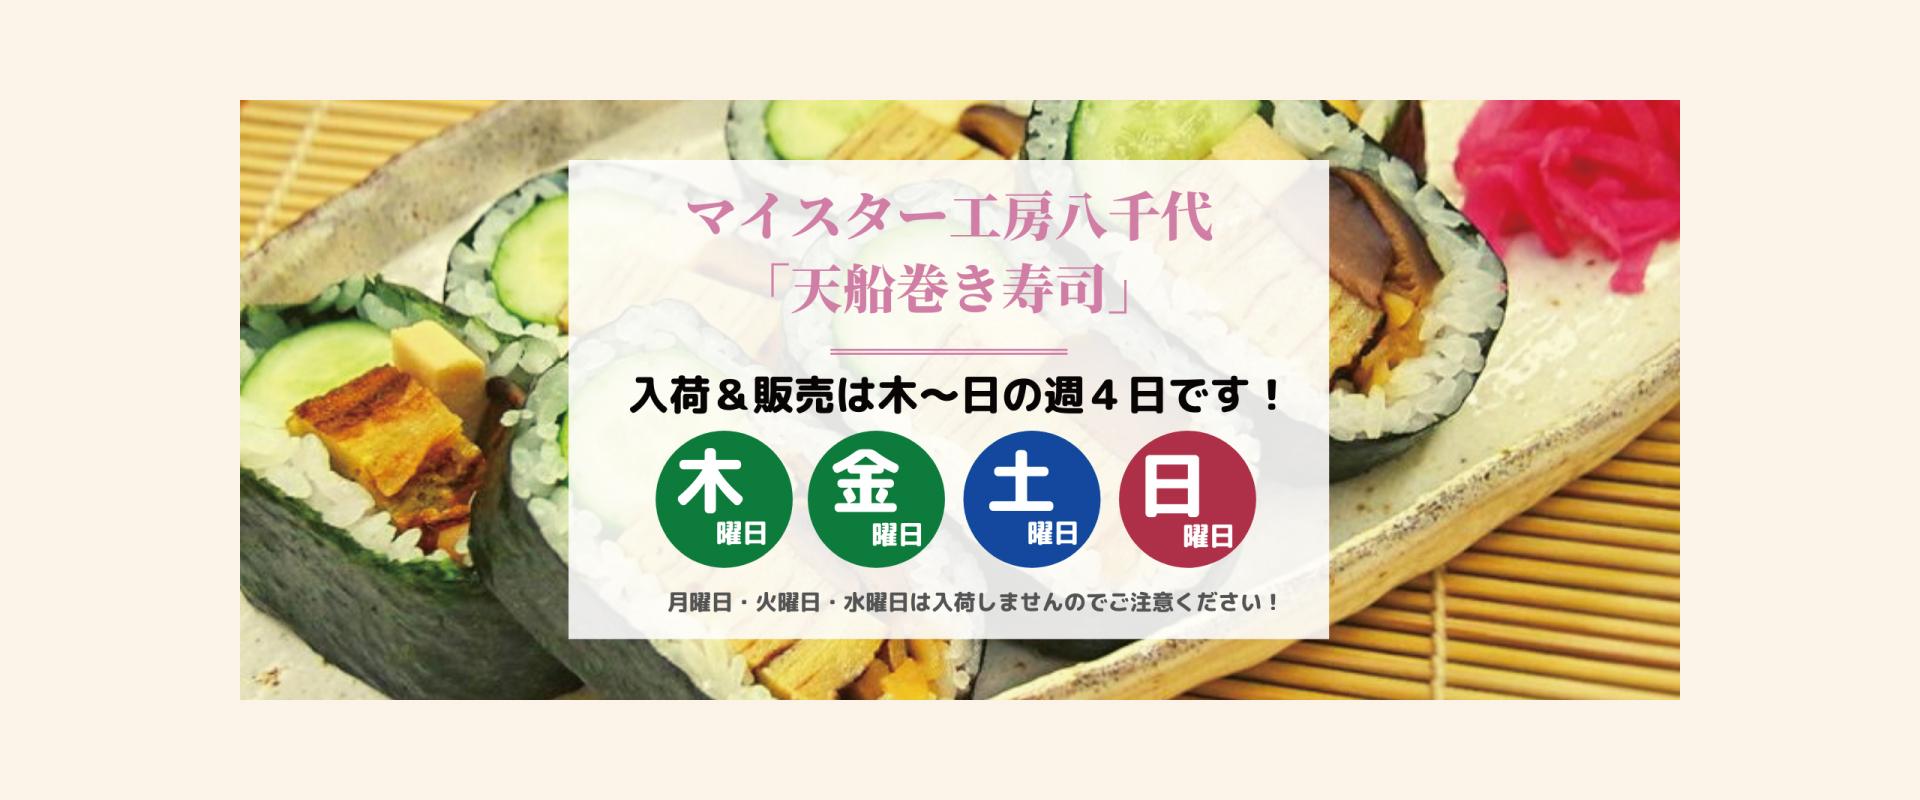 HYOGO 呑も呑もキャンペーン!対象の日本酒を買って金券をもらおう!